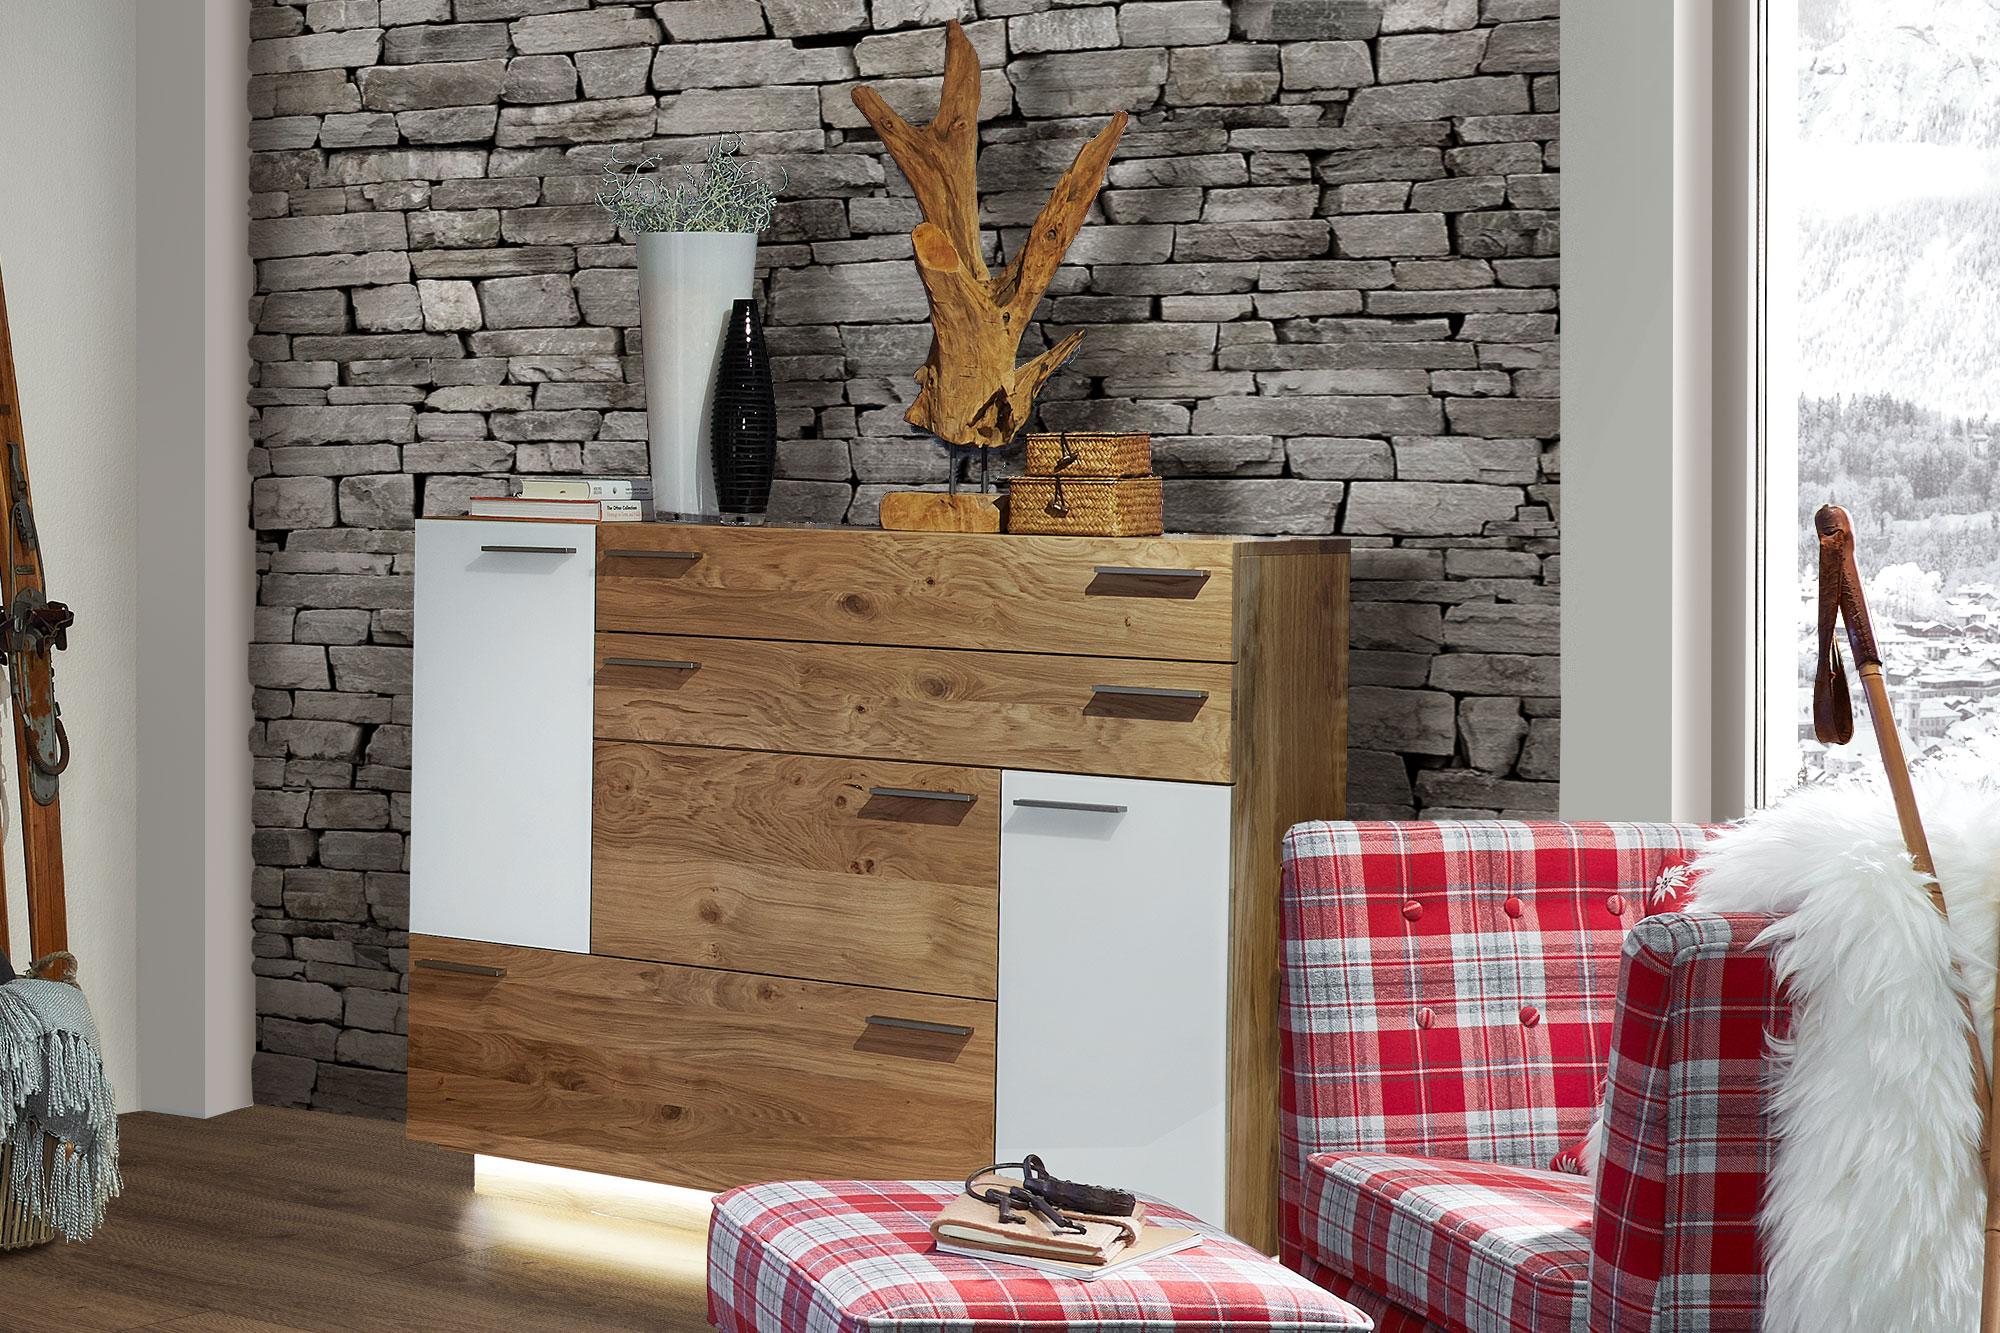 schr der wohnm bel wohnwand montana k003 kernasteiche snow m bel letz ihr online shop. Black Bedroom Furniture Sets. Home Design Ideas